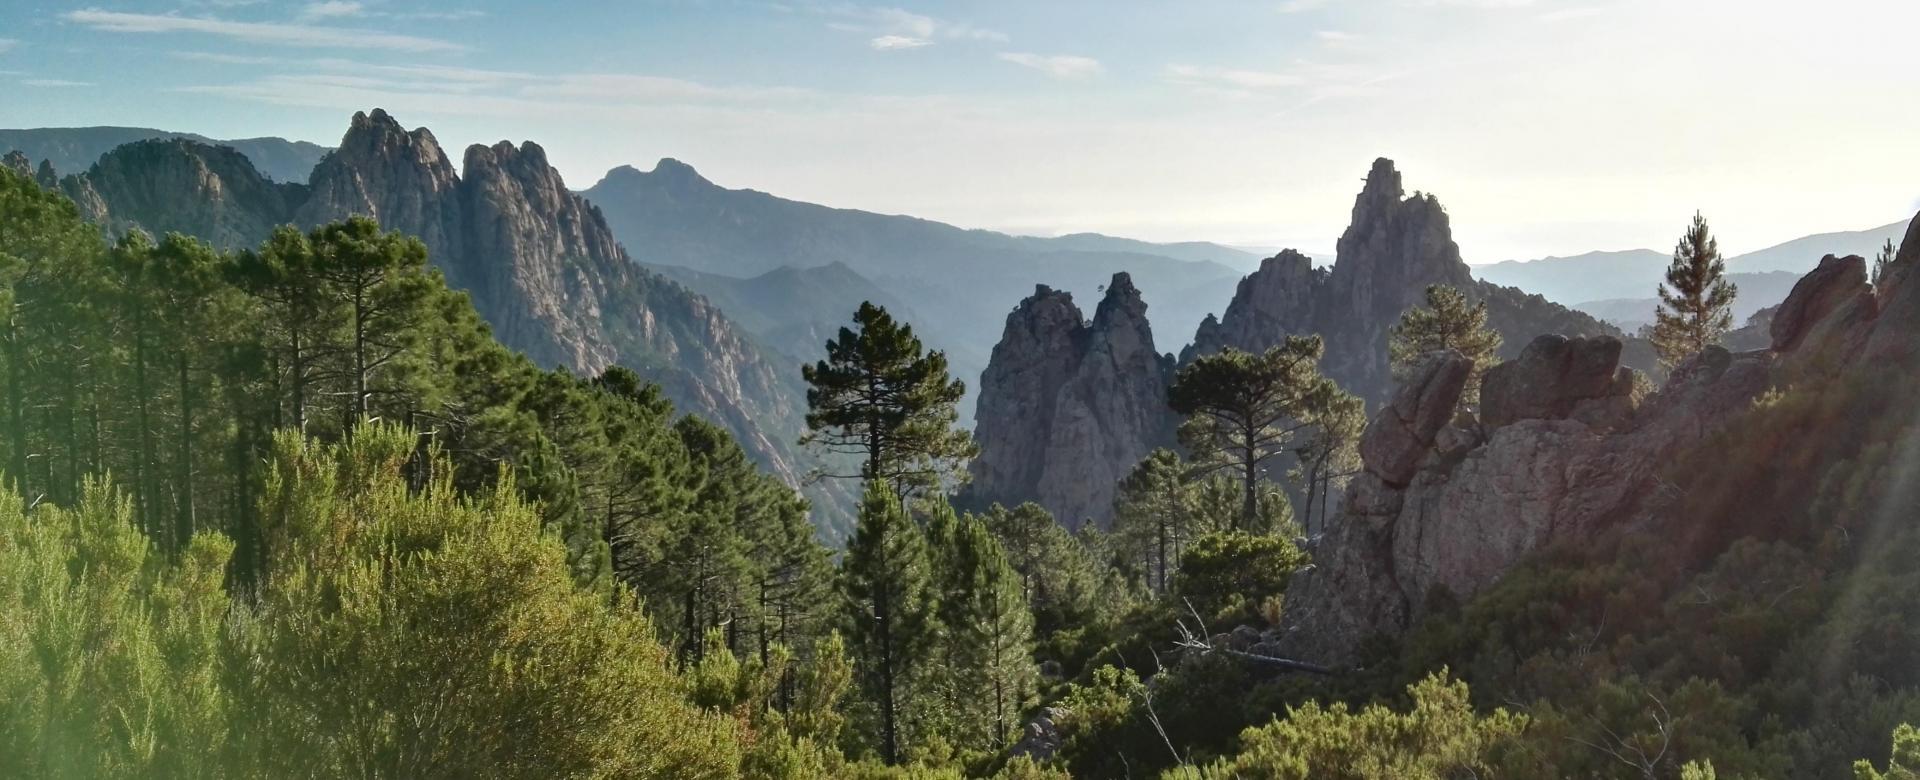 Voyage à pied France : De bavella au golfe de valinco